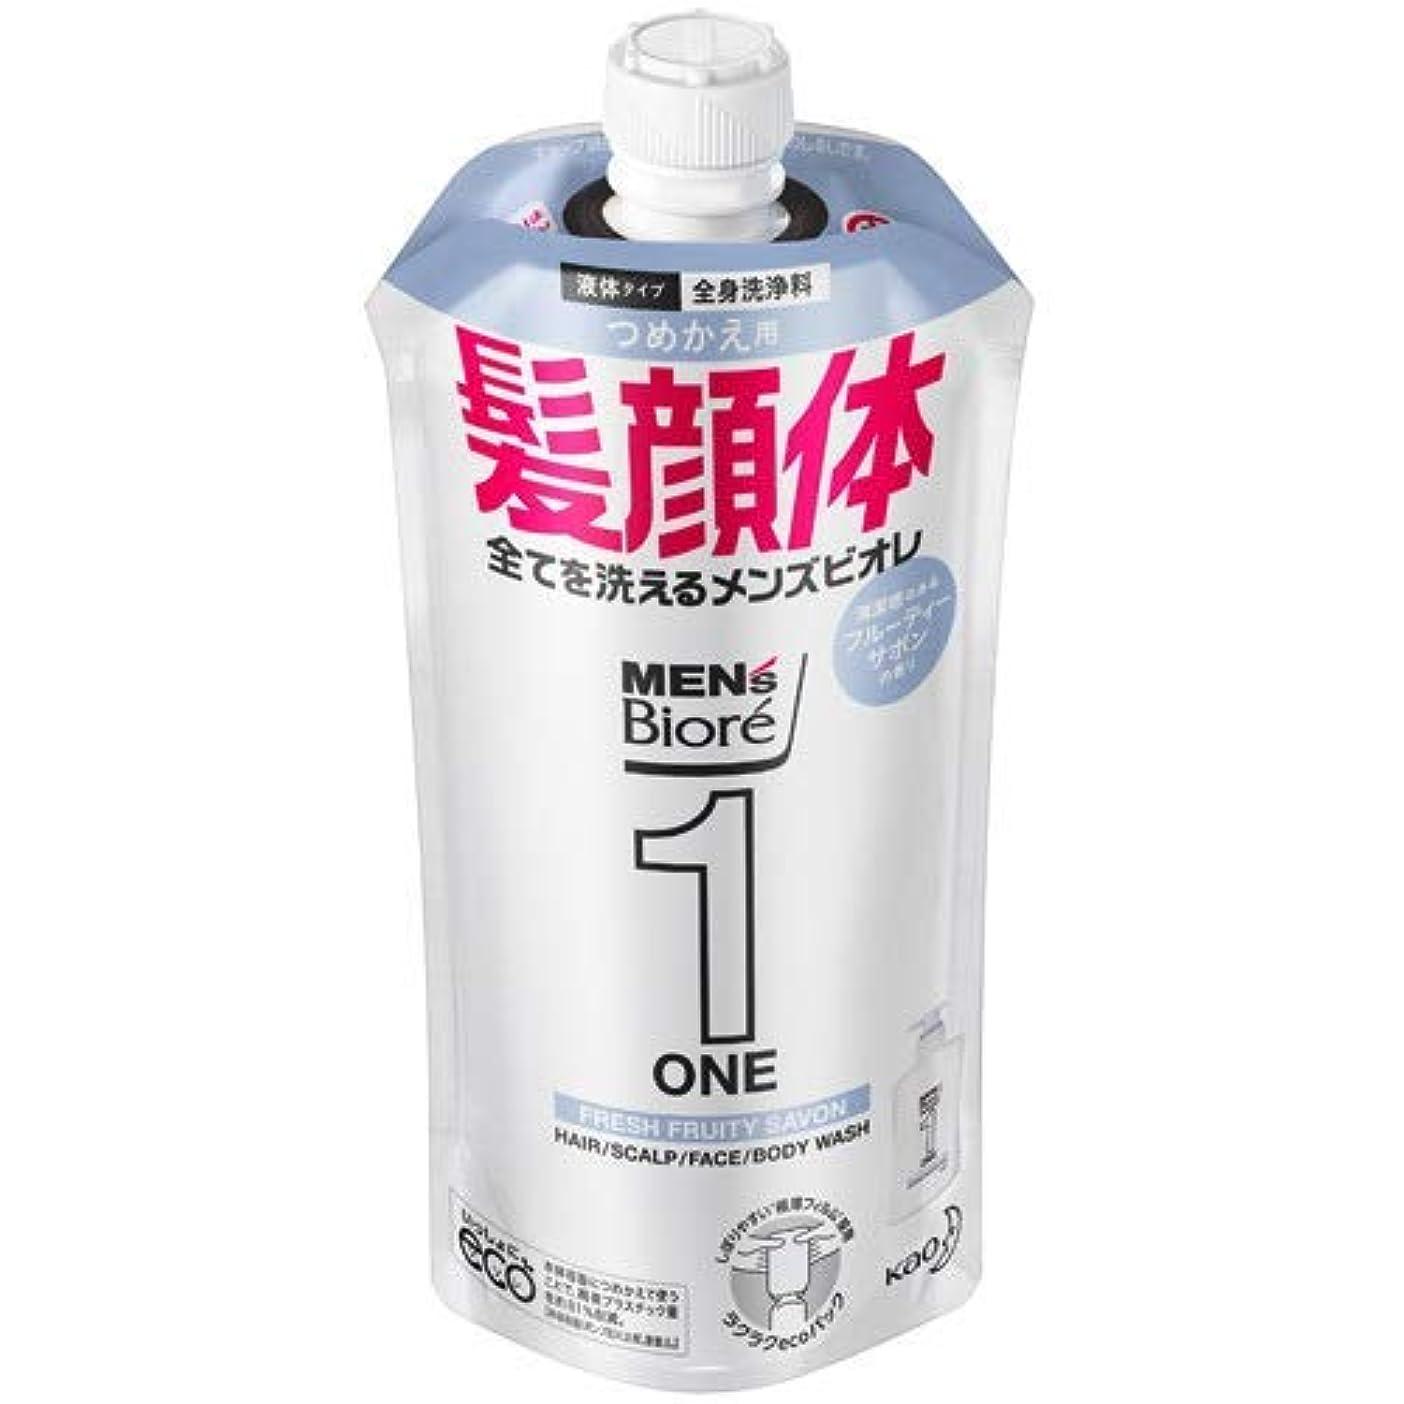 目を覚ます一月有名【10個セット】メンズビオレONE オールインワン全身洗浄料 清潔感のあるフルーティーサボンの香り つめかえ用 340mL